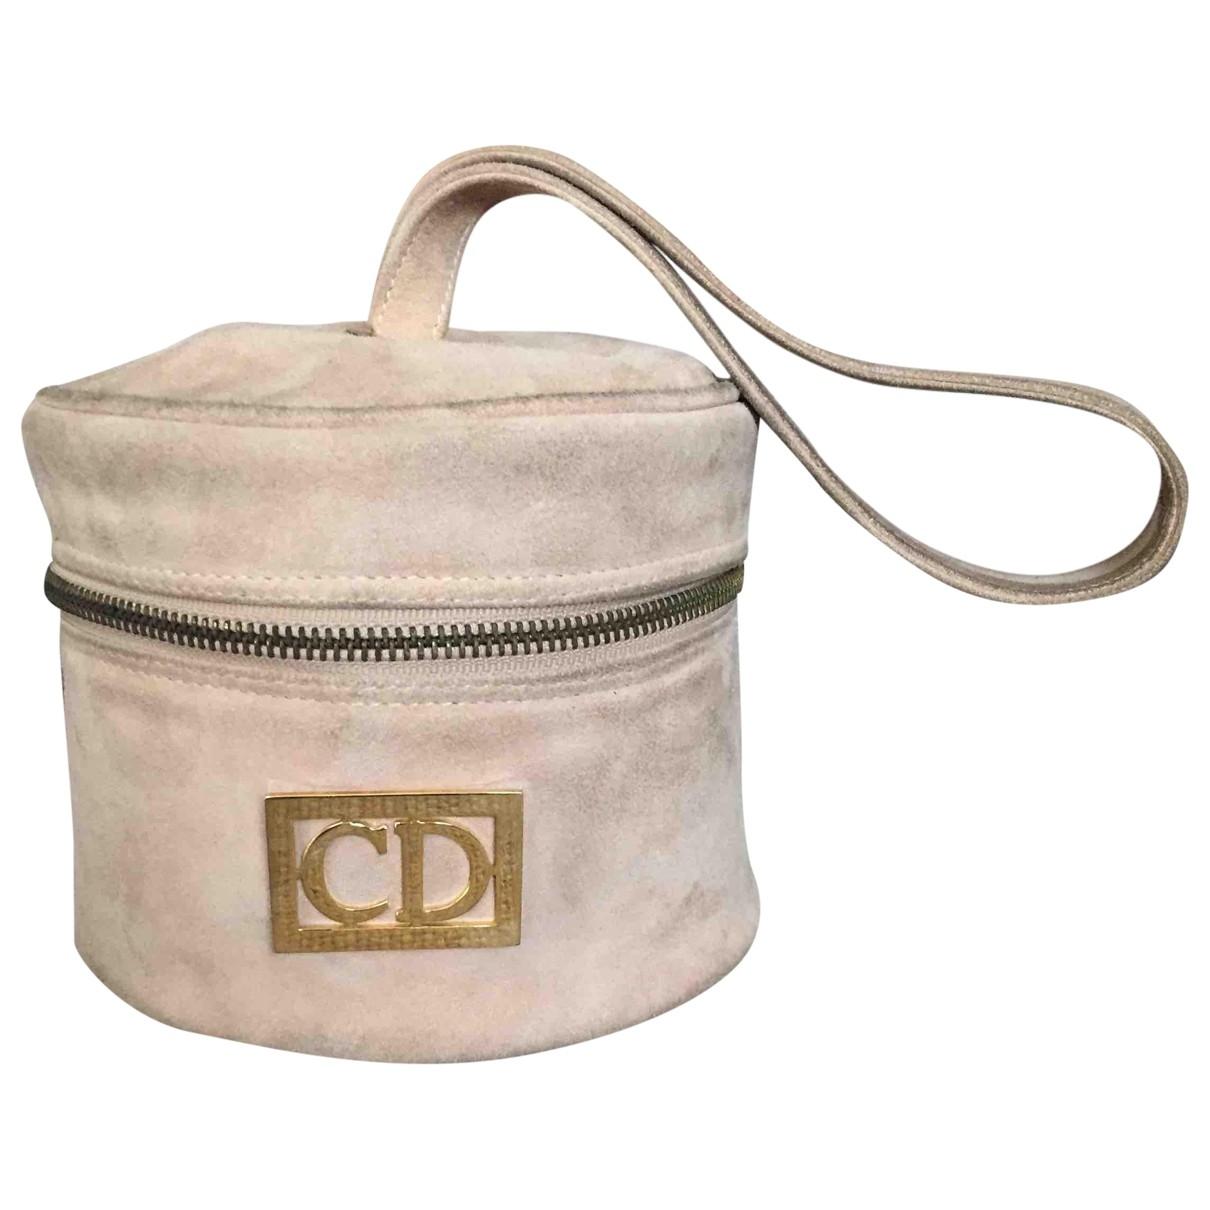 Dior \N Handtasche in  Beige Veloursleder